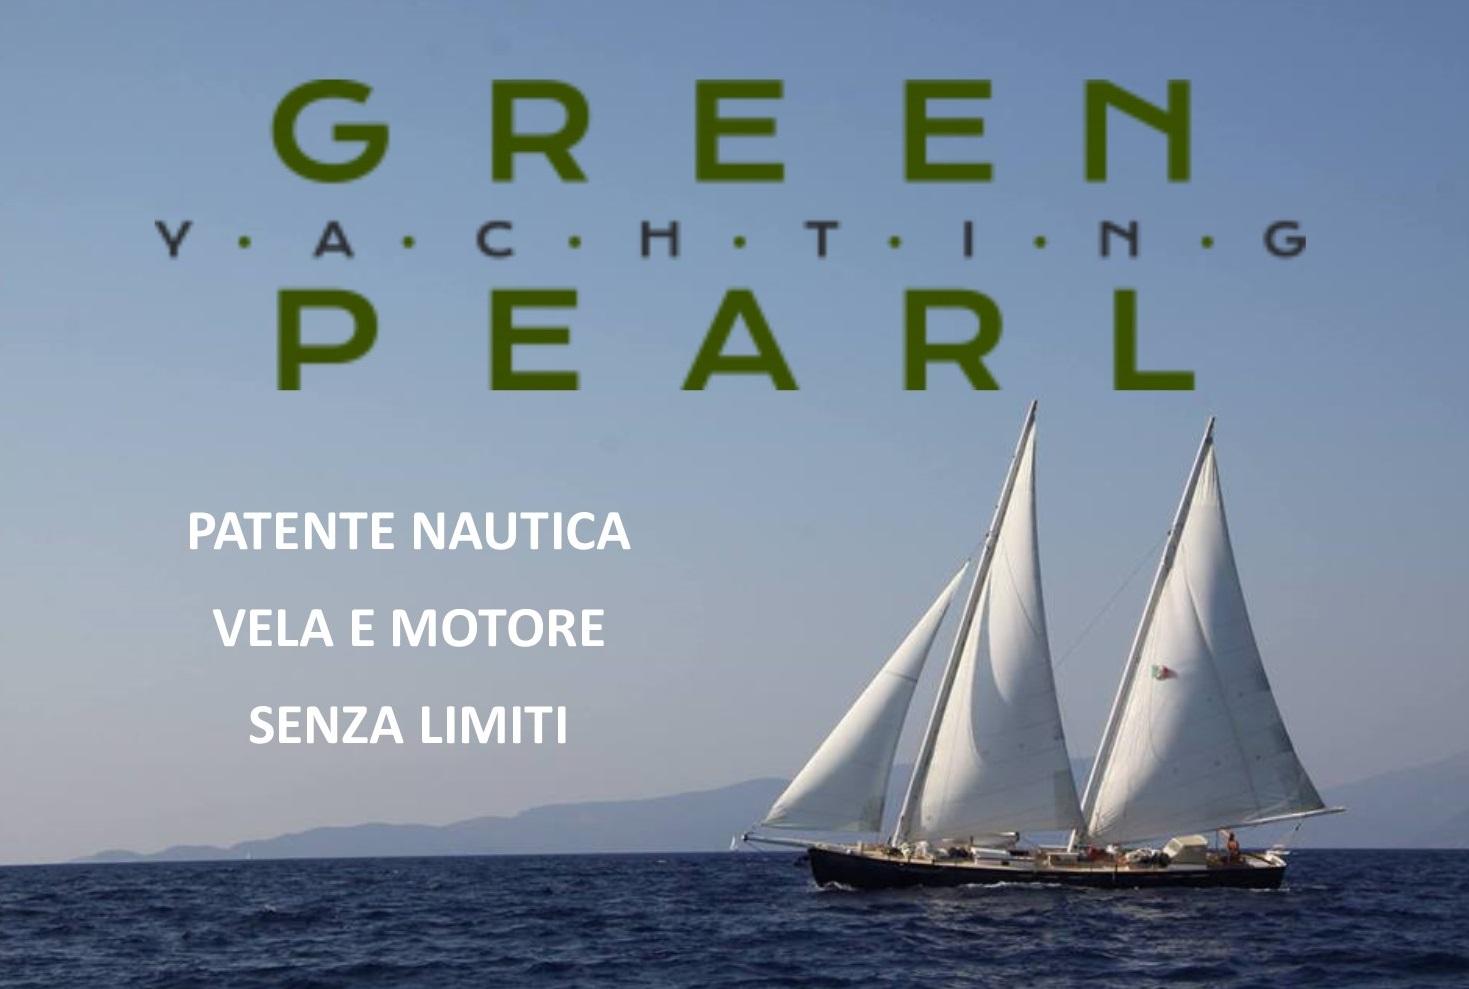 Patente nautica -Vela e motore